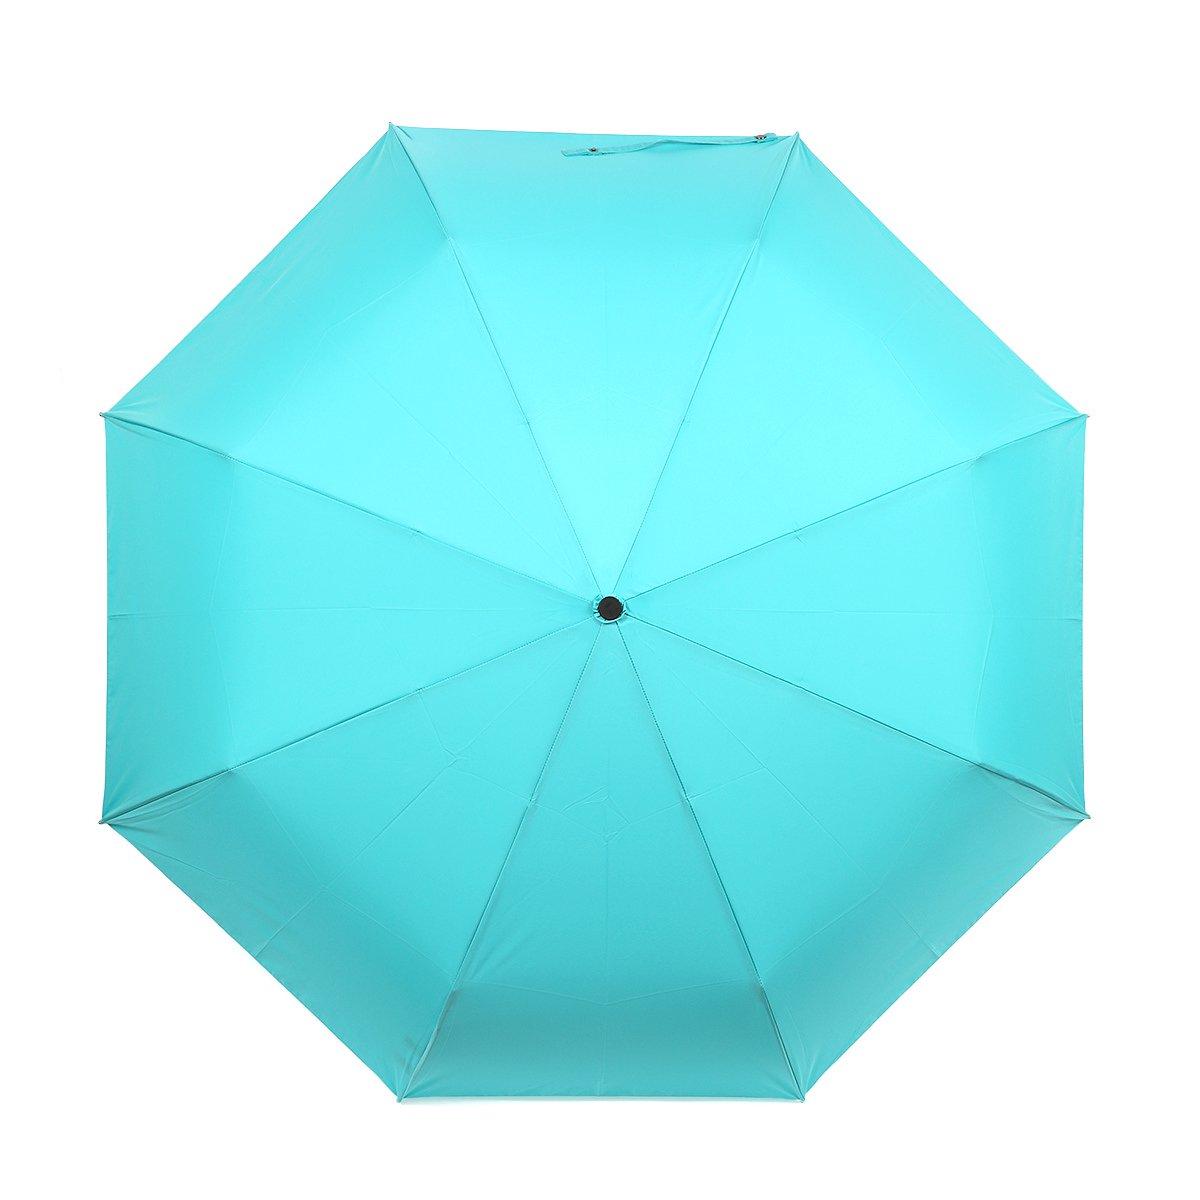 【公式限定】強力撥水 レインドロップ レクタス 耐風骨 レディース 折りたたみ傘 詳細画像7